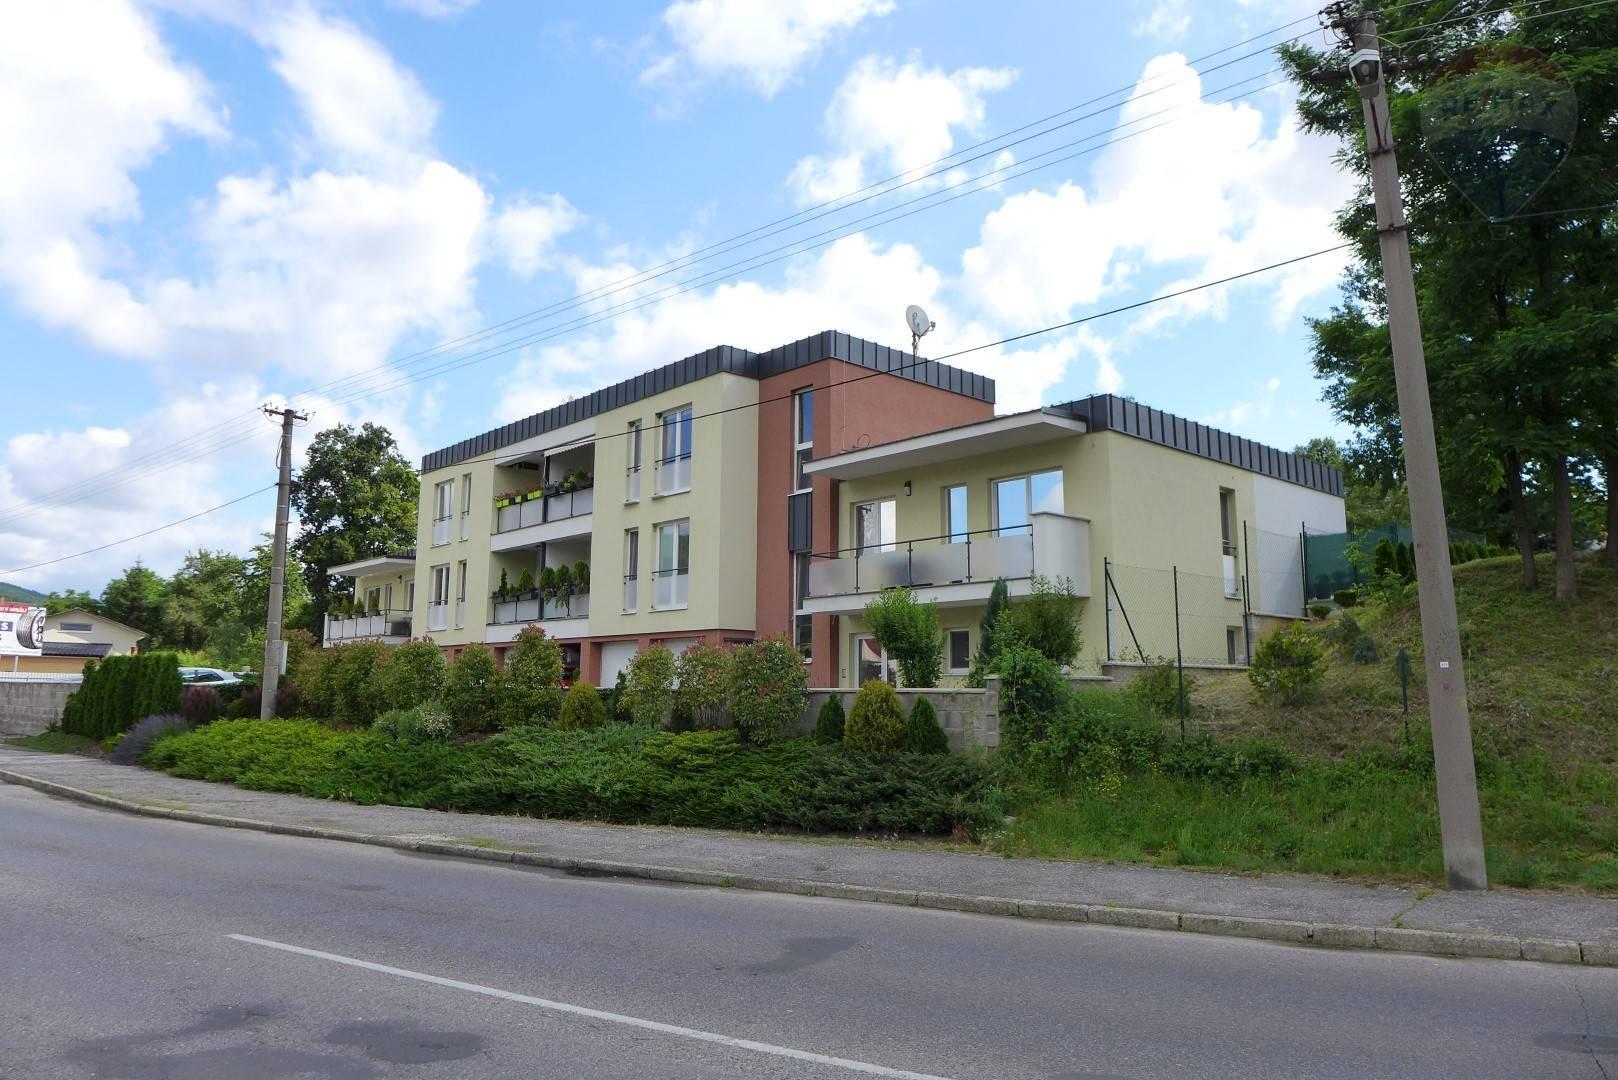 PREDAJ BYT 42 m2, parkovacie státie, vlastné kúrenie, novostavba Bojnice - Dubnica.